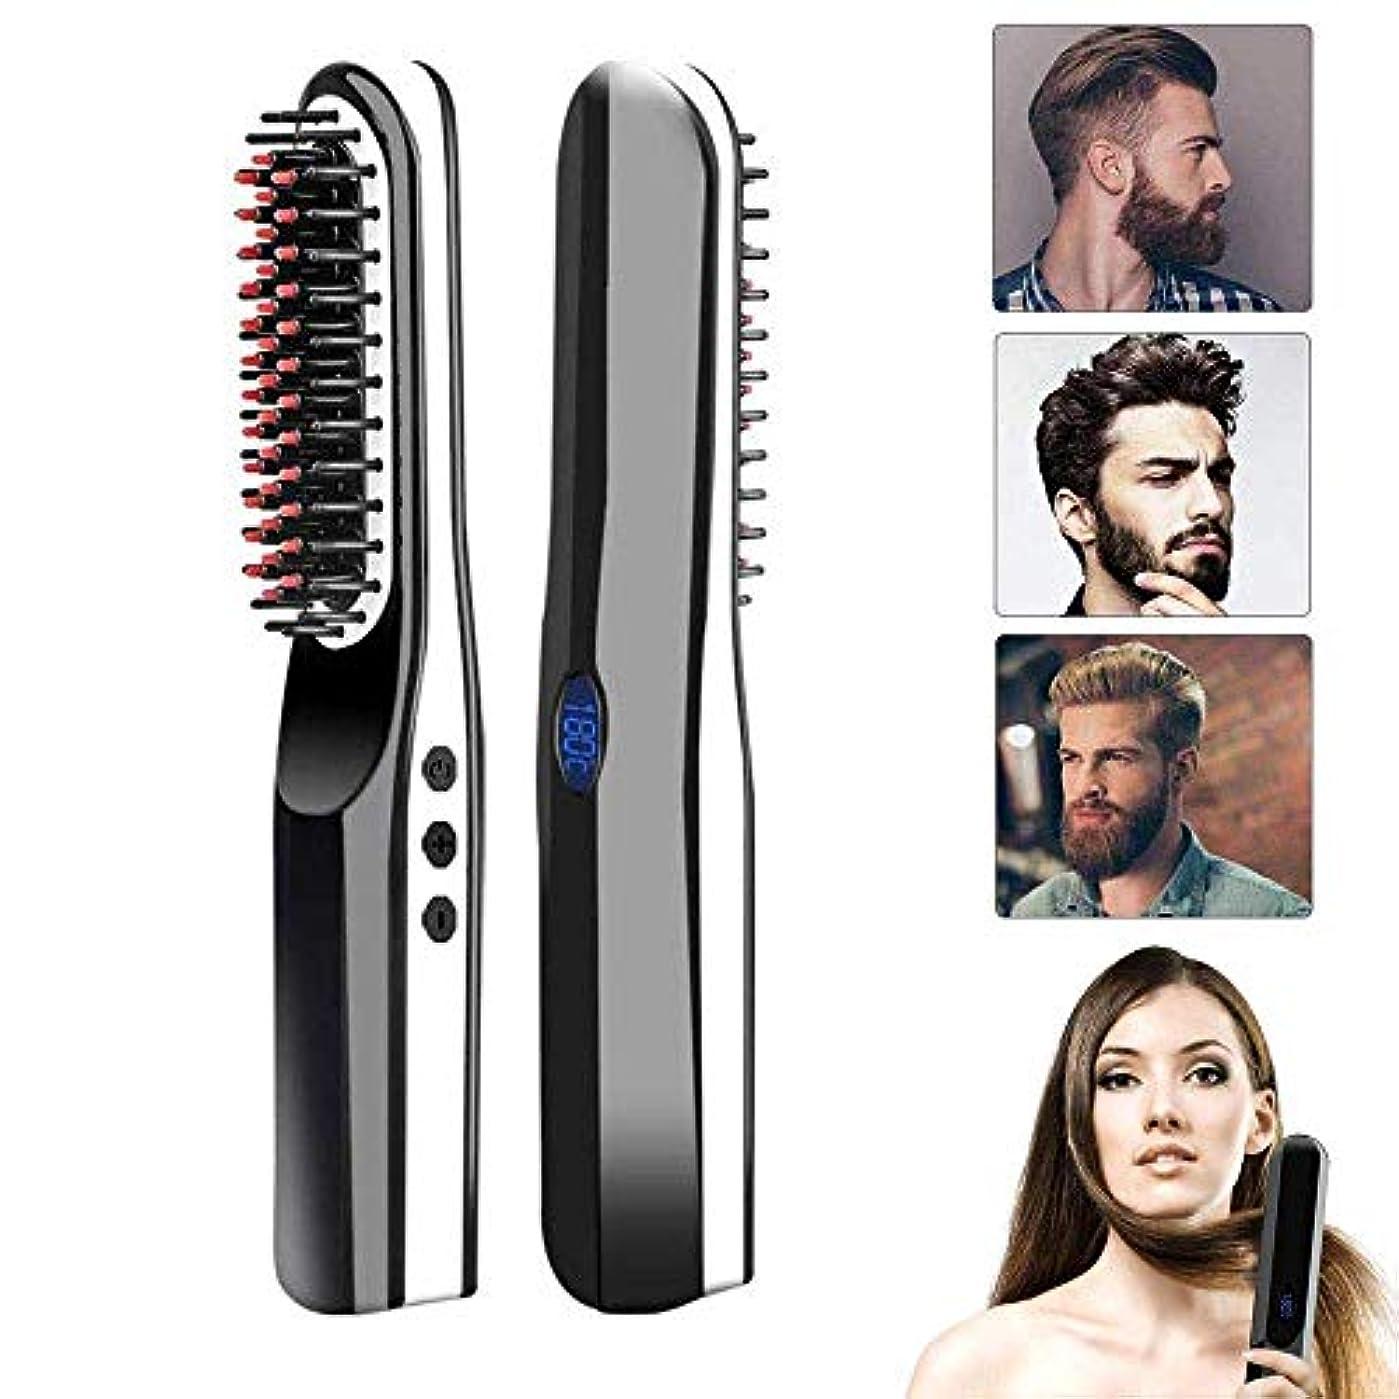 離れて熱心な慣れているコードレスアンチスカルド自動で毛矯正ブラシ旅行/家、男性の女性のための1の2つの多機能の毛の櫛のカーリングアイロン